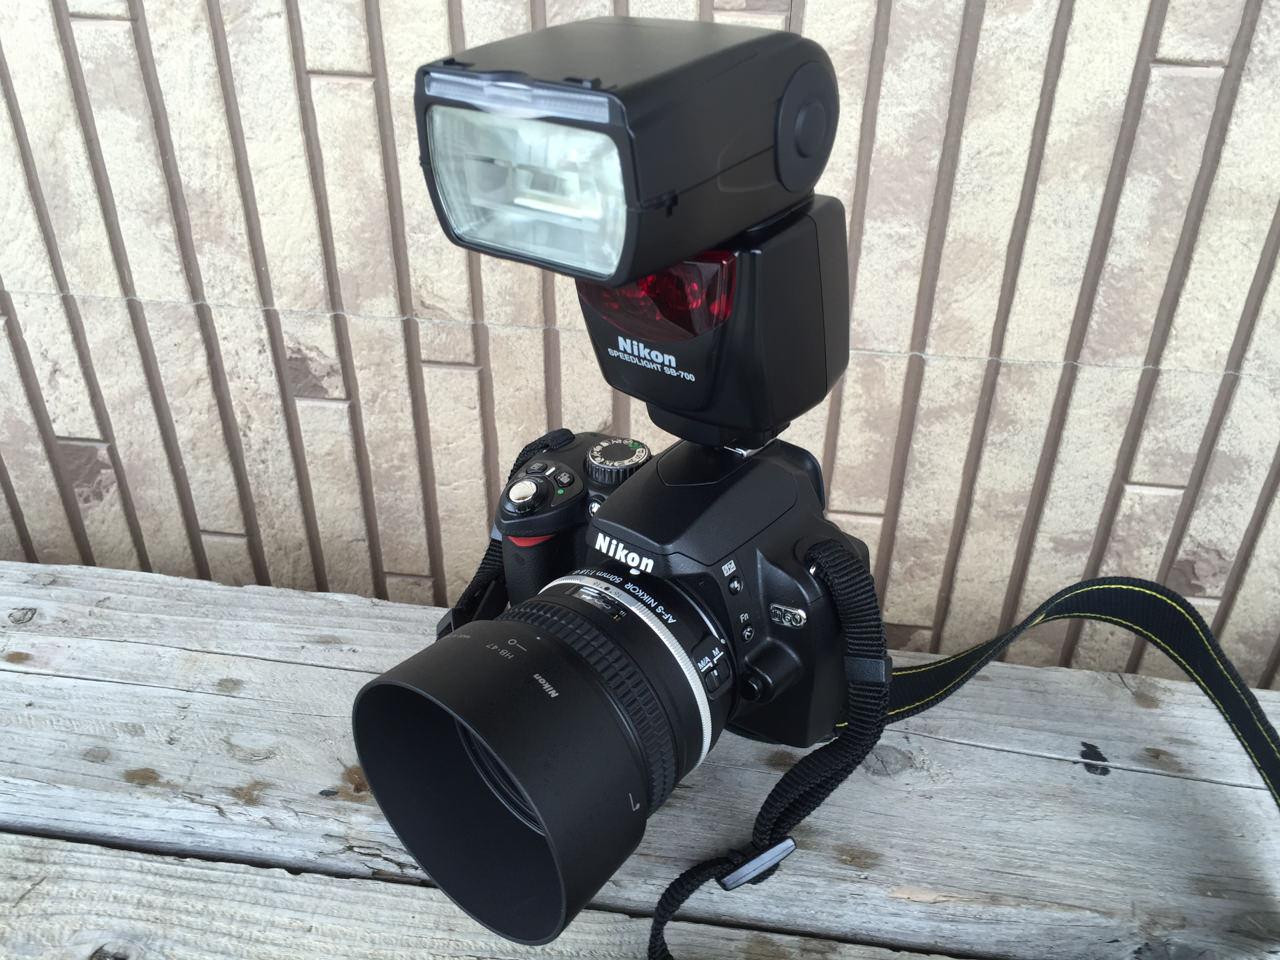 【カメラ修理】愛機「Nikon Df」のセンサーにゴミが入ったようです! | 花徳マンゴー